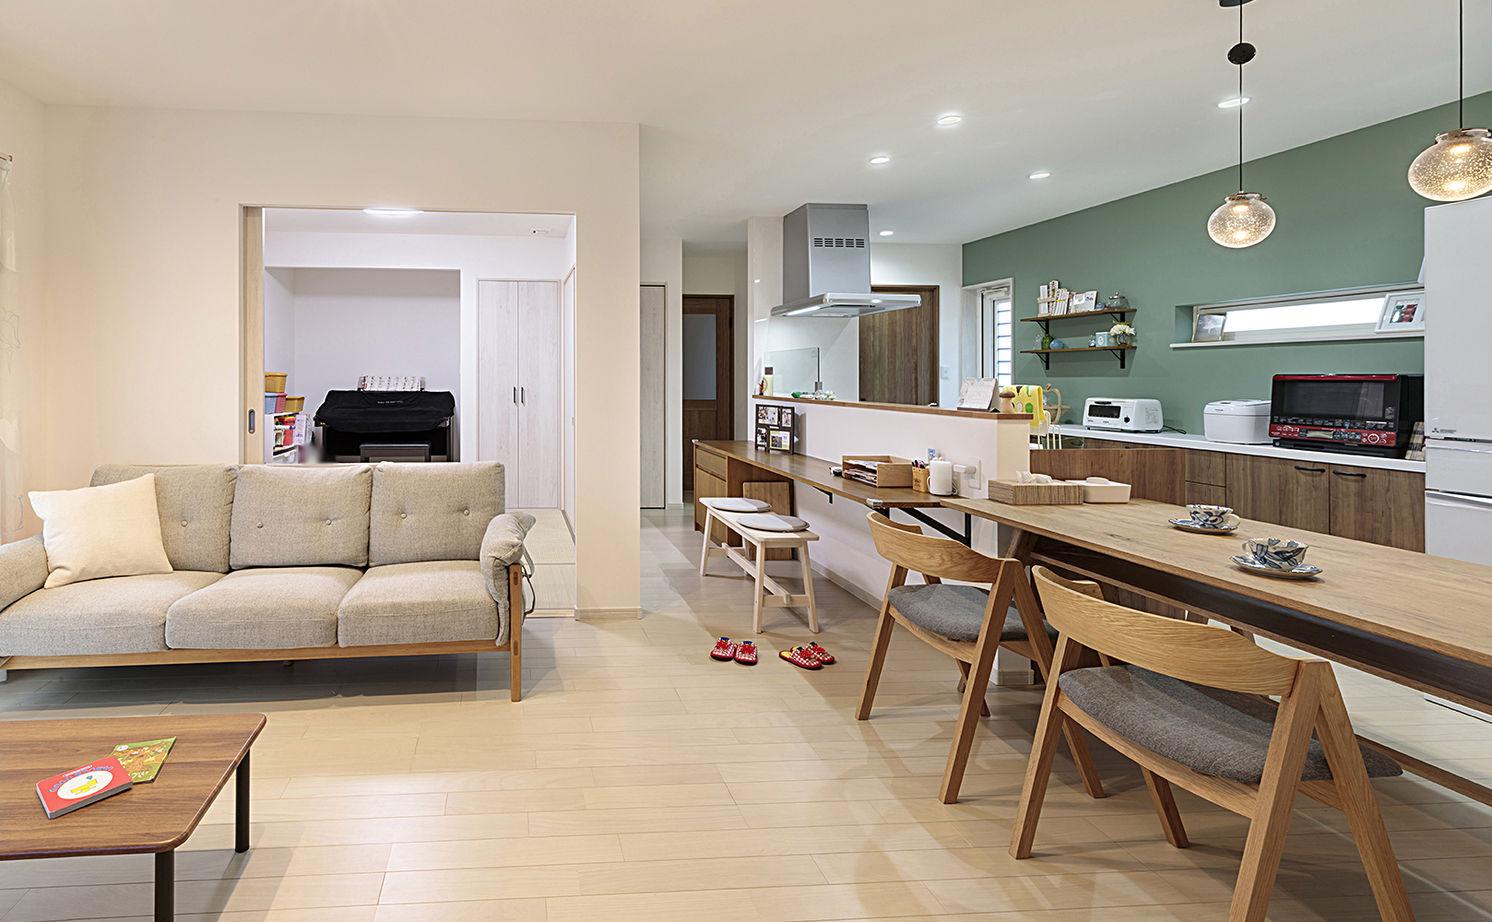 一体感のある間取とスムーズな家事動線が快適。秘密基地のようなロフトも楽しい平屋づくりの家画像1